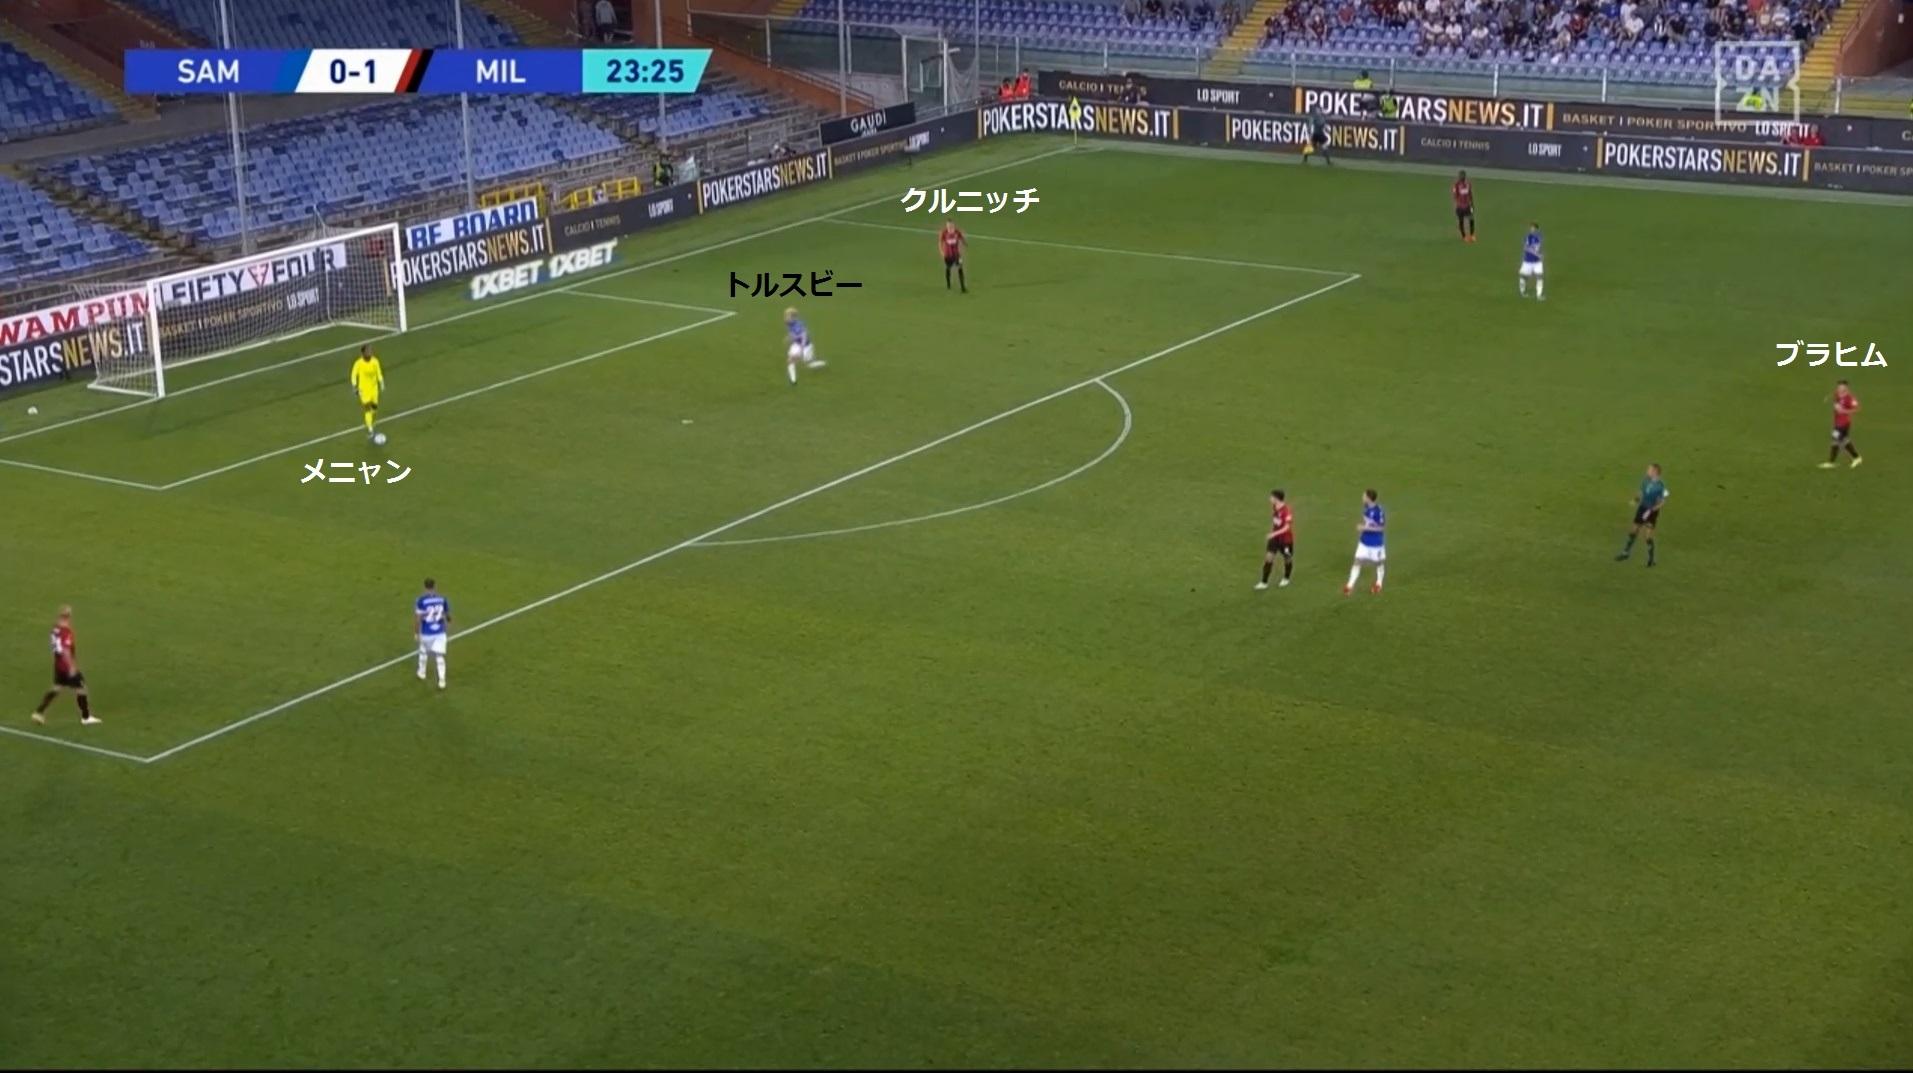 【21-22シーズン】サンプドリア対ミラン_戦術分析8